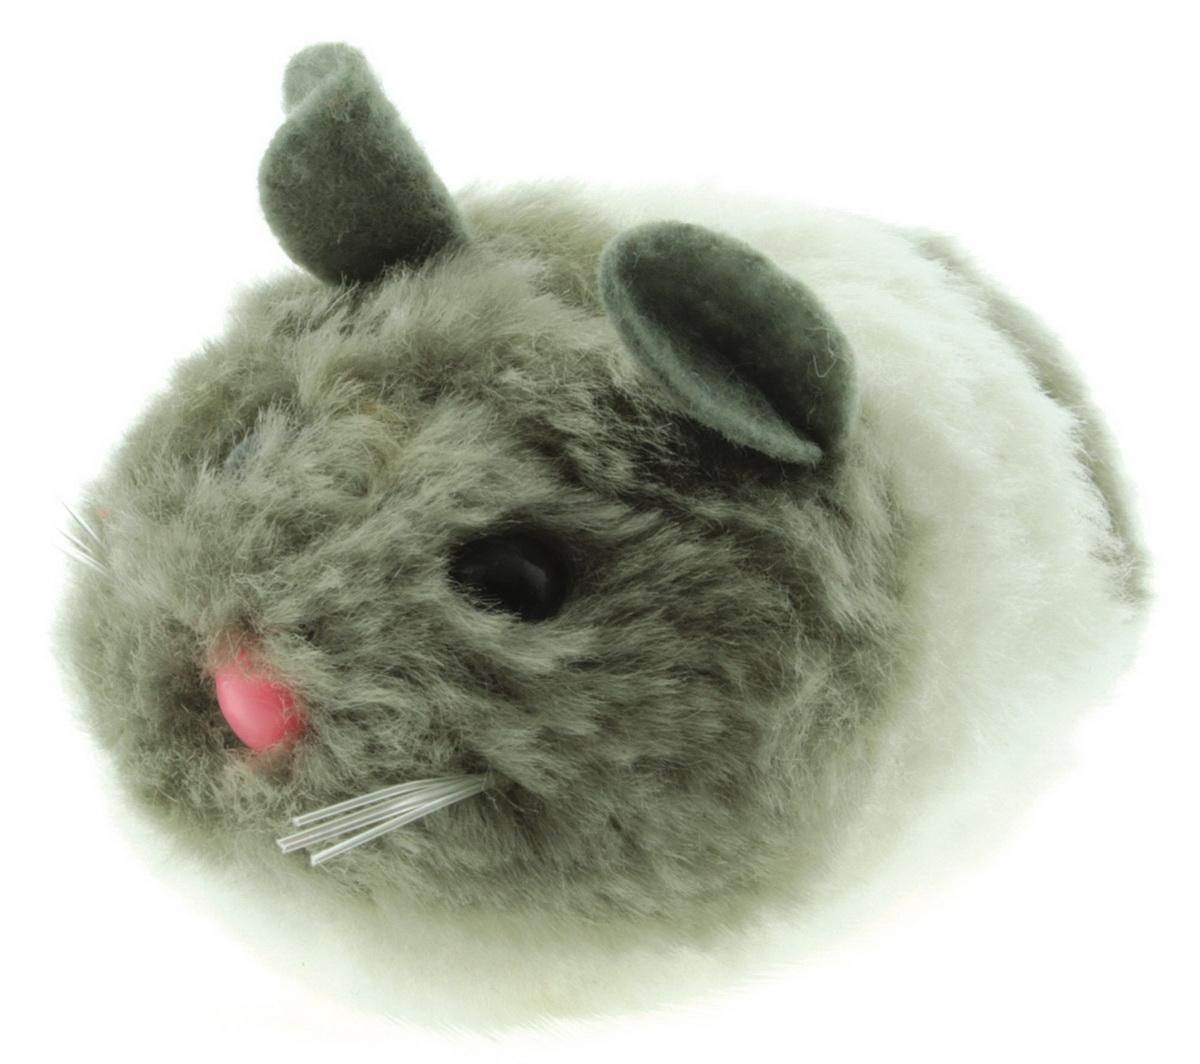 Игрушка для кошек Dezzie Мышь. Актив №3, цвет: серый, белый, 8 см5605141Игрушка для кошек Dezzie Мышь. Актив №3 изготовлена из искусственного меха и пластика.Такая игрушка порадует вашего любимца, а вам доставит массу приятных эмоций, ведь наблюдать за игрой всегда интересно и приятно.Игрушка Dezzie не только вызовет интерес у кошки, но и будет способствовать ее развитию. Все игрушки созданы из безопасных материалов высокого качества. Они будут долго служить и всегда смогут порадовать питомцев и их заботливых хозяев. Общая длина игрушки: 8 см.